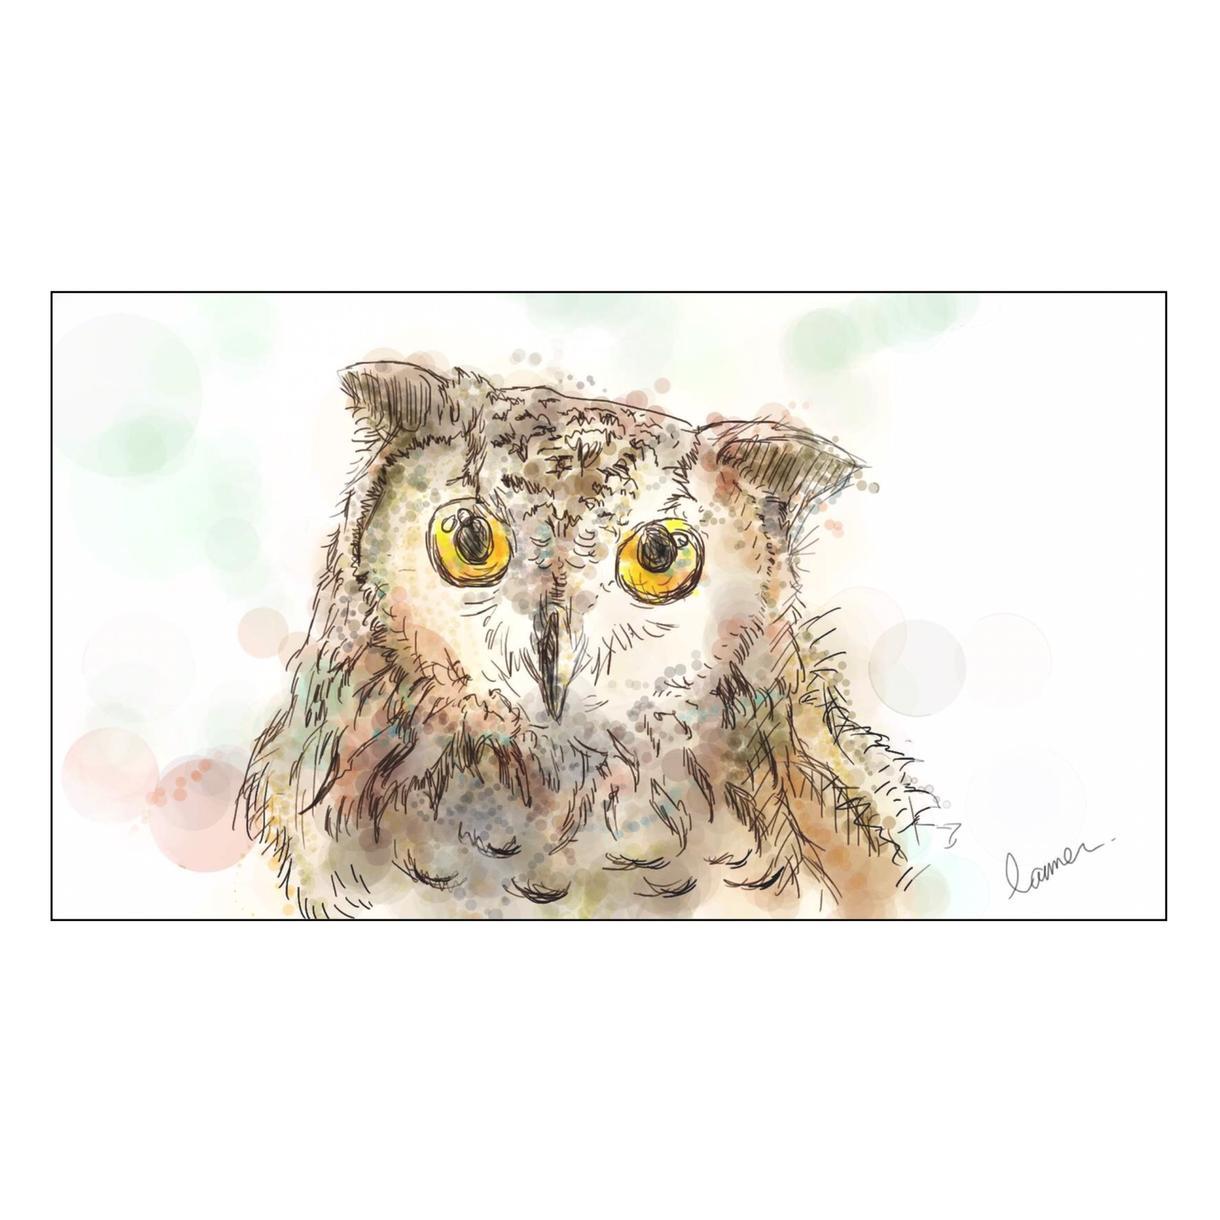 ペットの水彩画イラスト*作成いたします 大切なペットをイラストにしたい方へ。データでお渡しします!